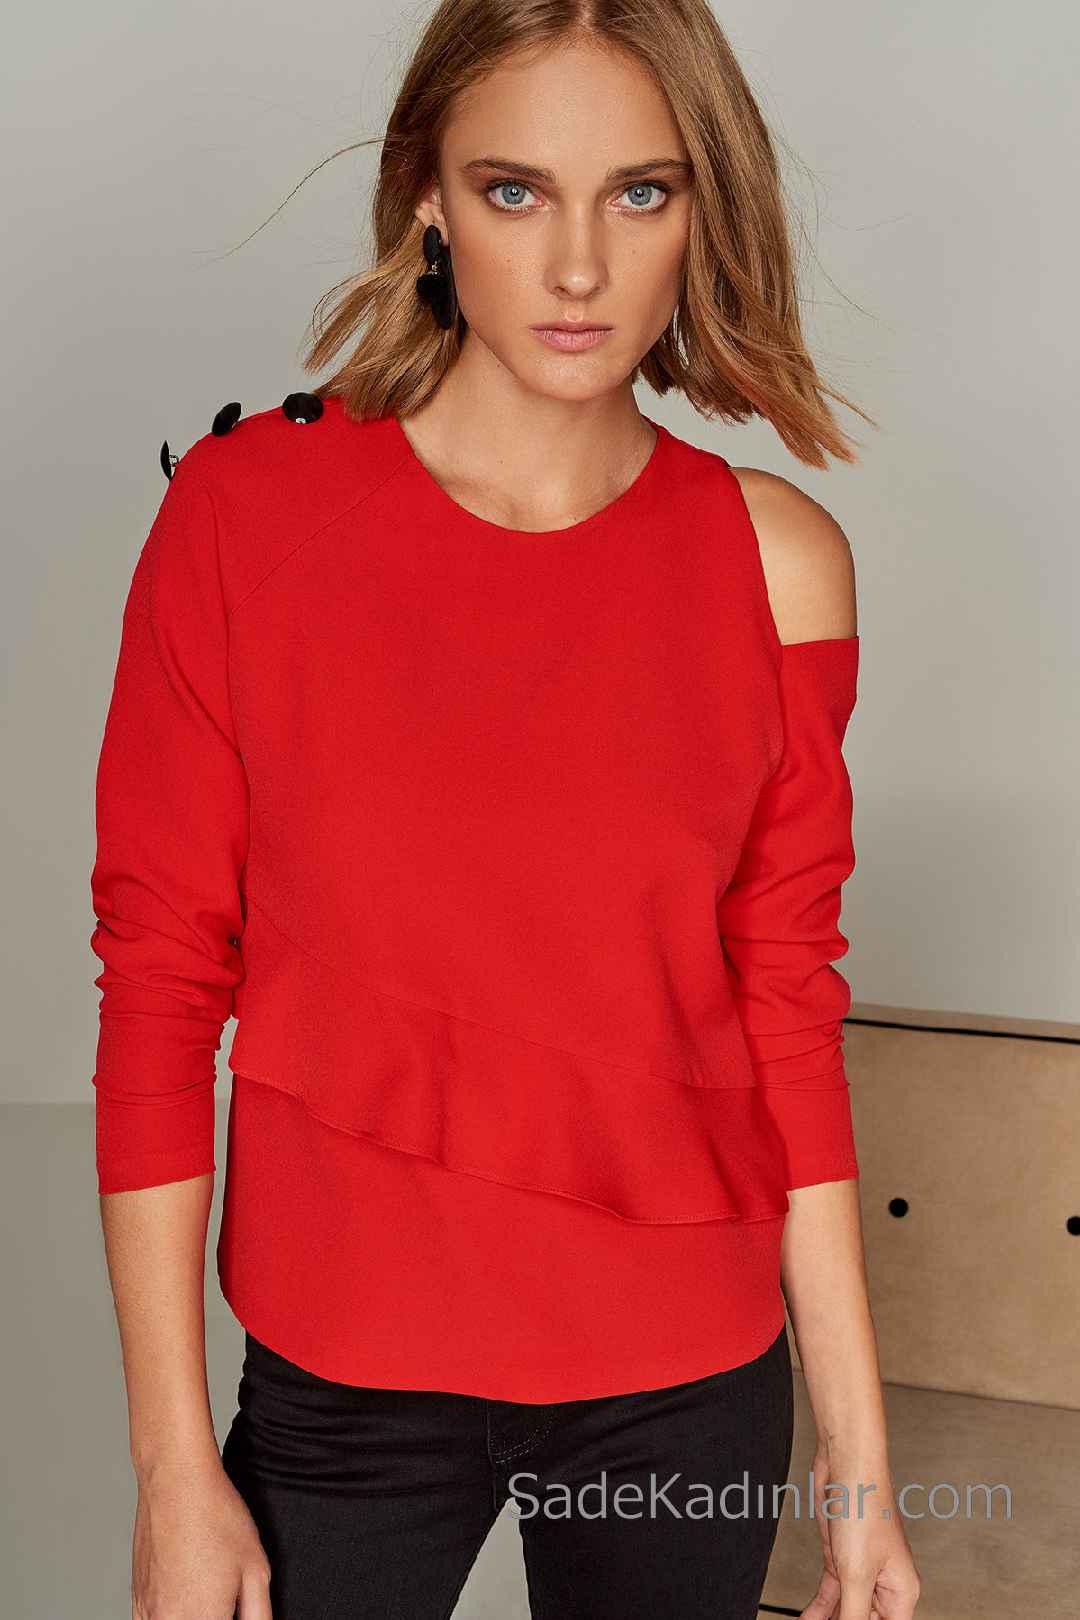 2020 Kırmızı Bluz Modelleri Uzun Kollu Omuz Dekolteli Düğme Aksesuarlı